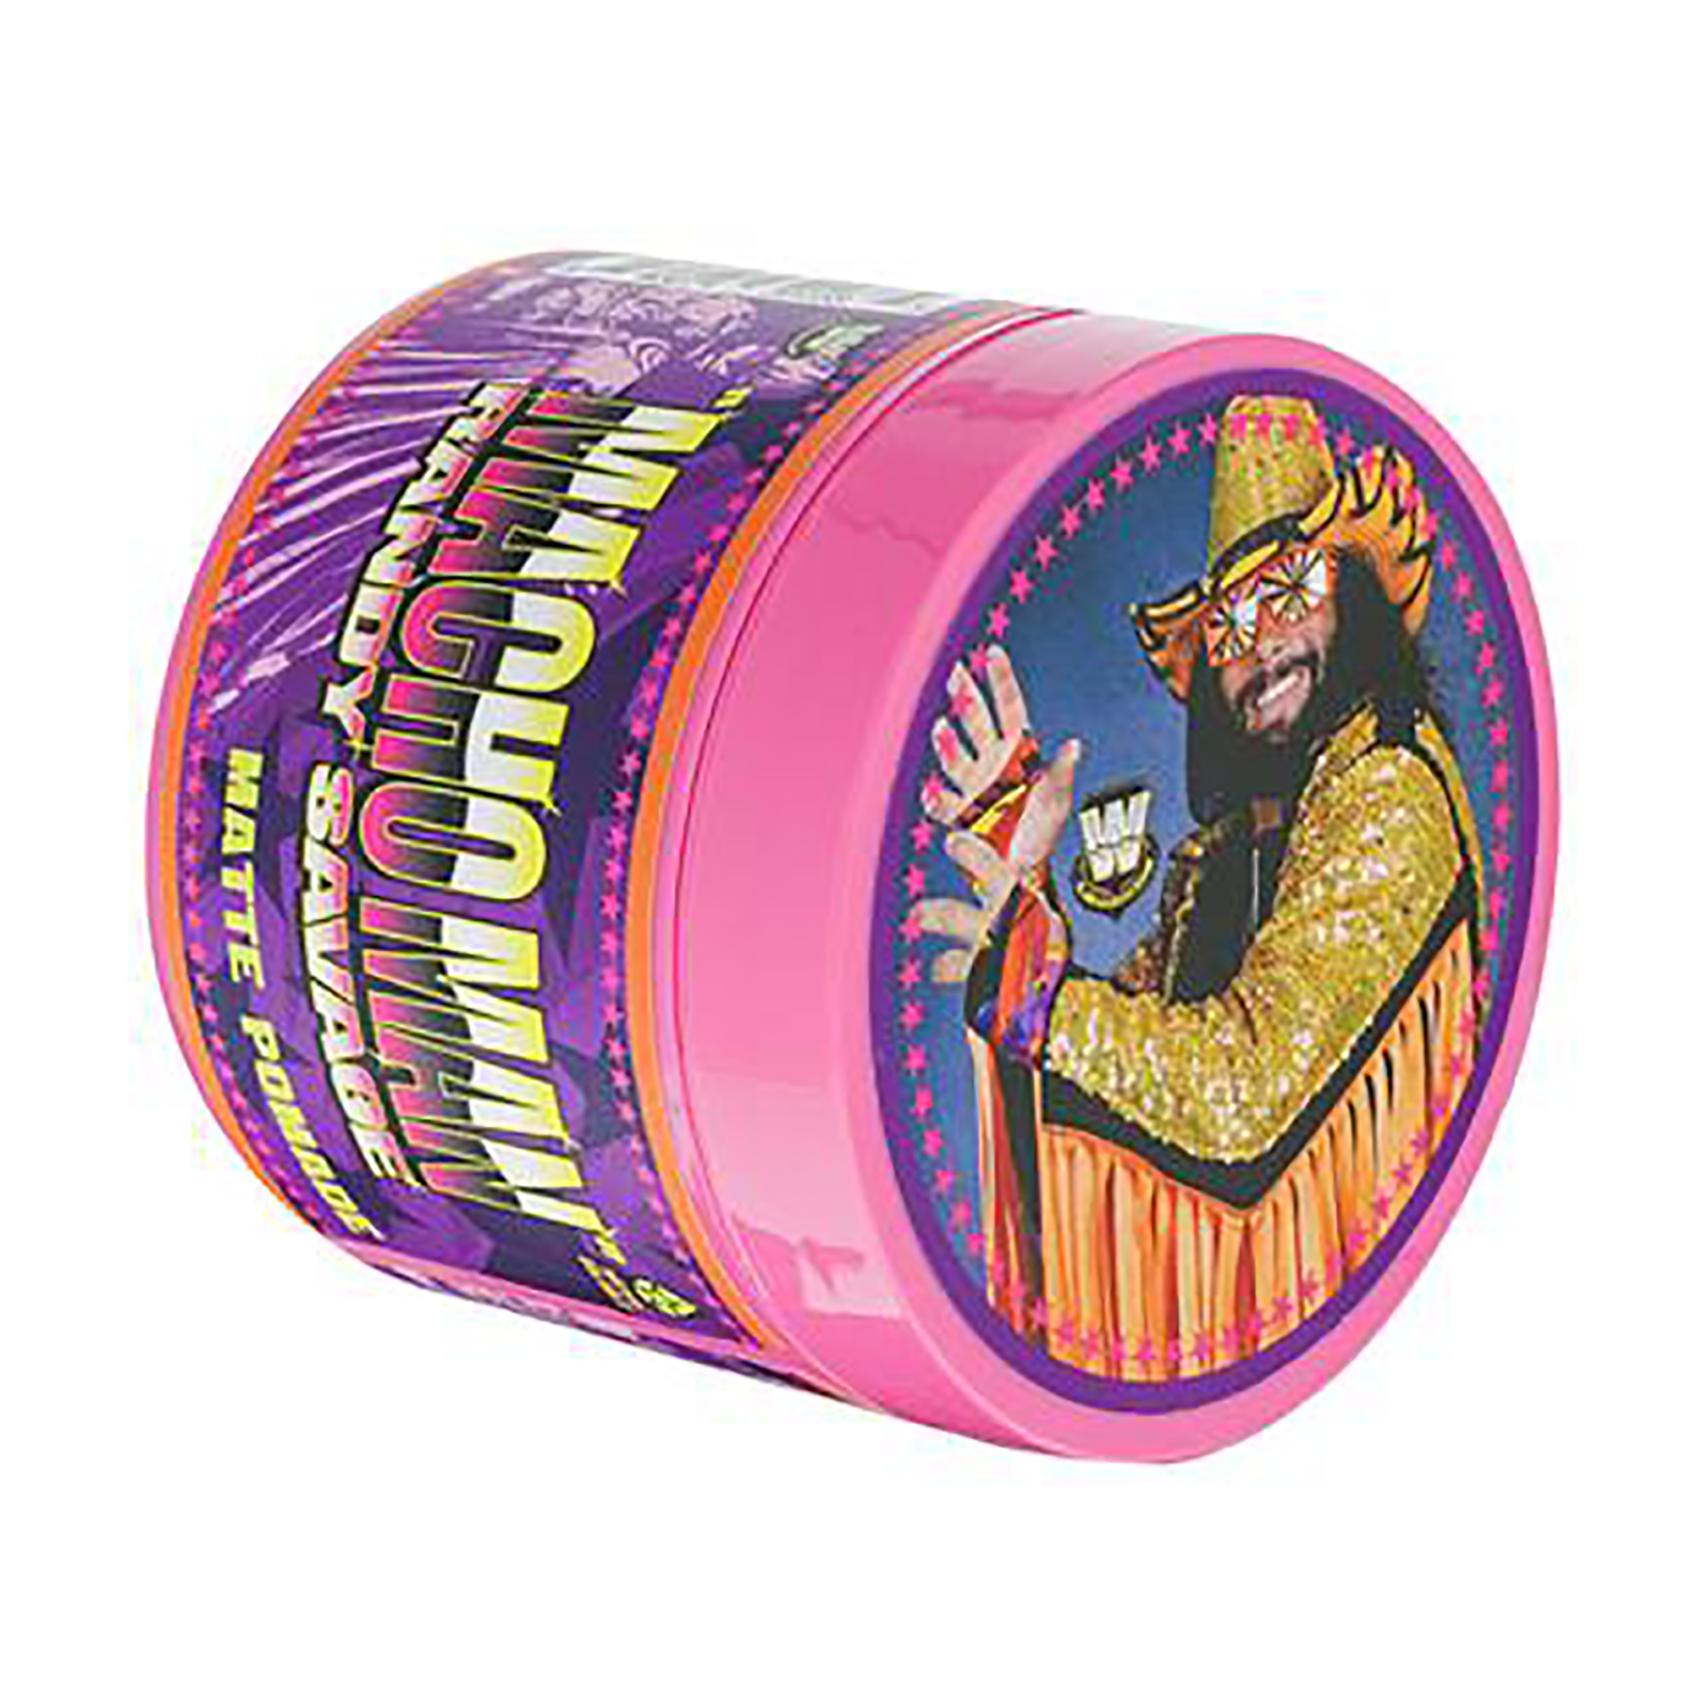 Mesh Comb .N.5 | Groom Barbershop